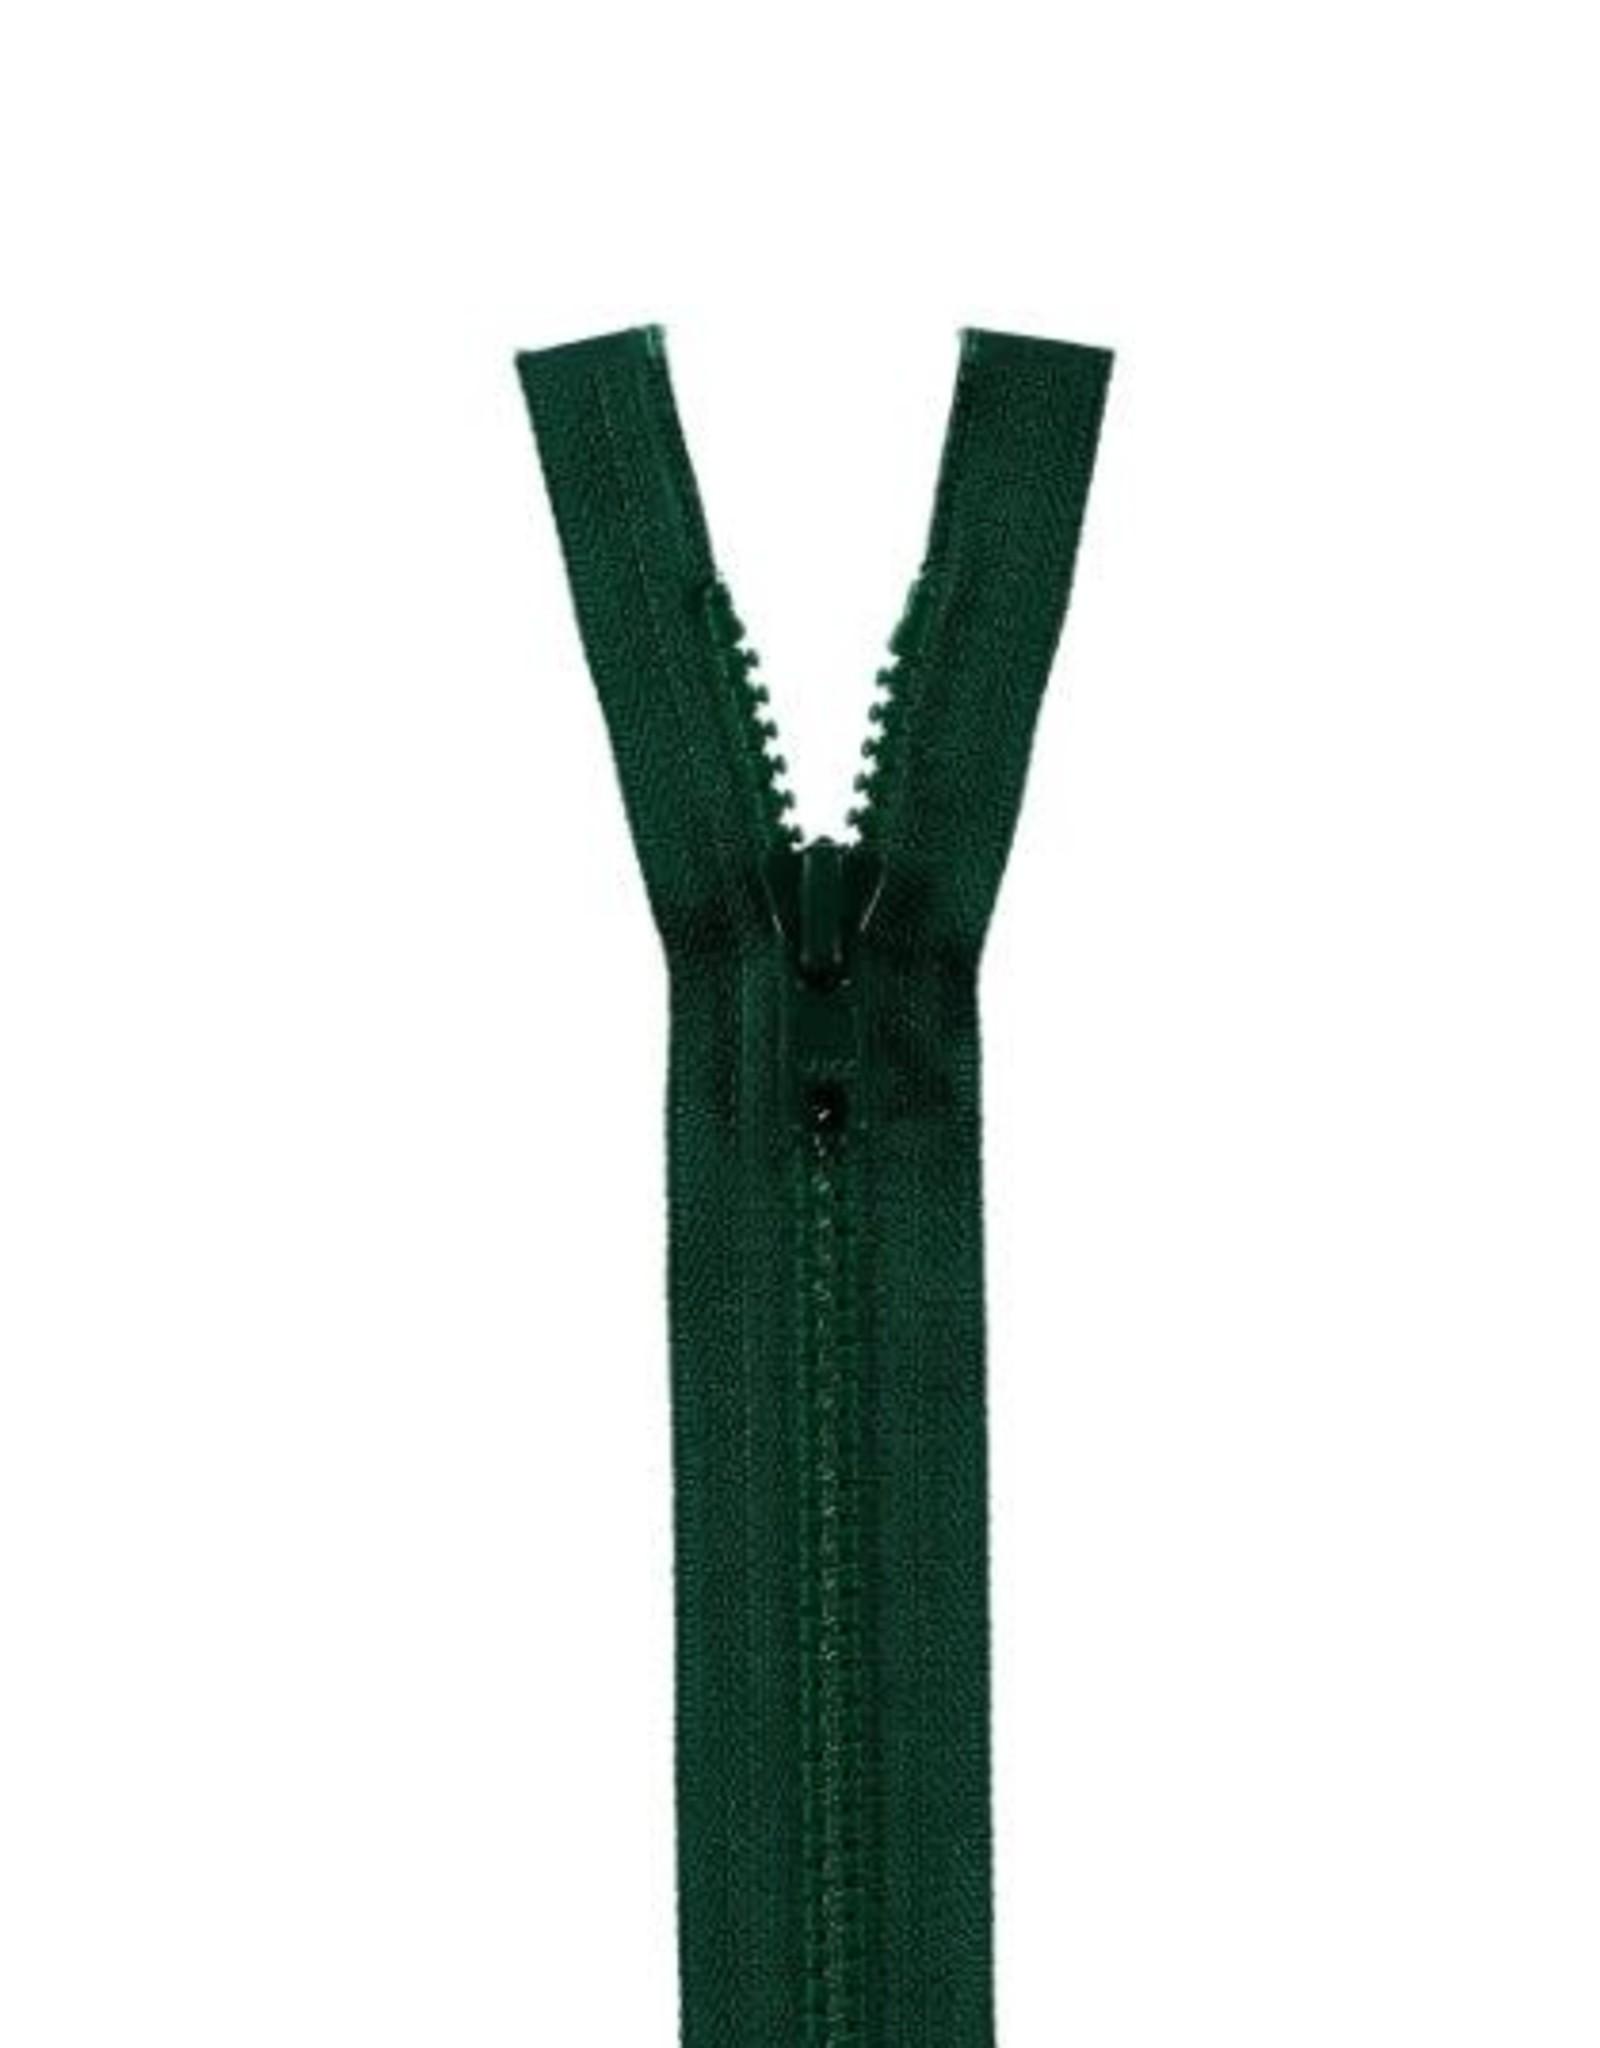 YKK BLOKRITS 5 DEELBAAR d. groen 890-25cm